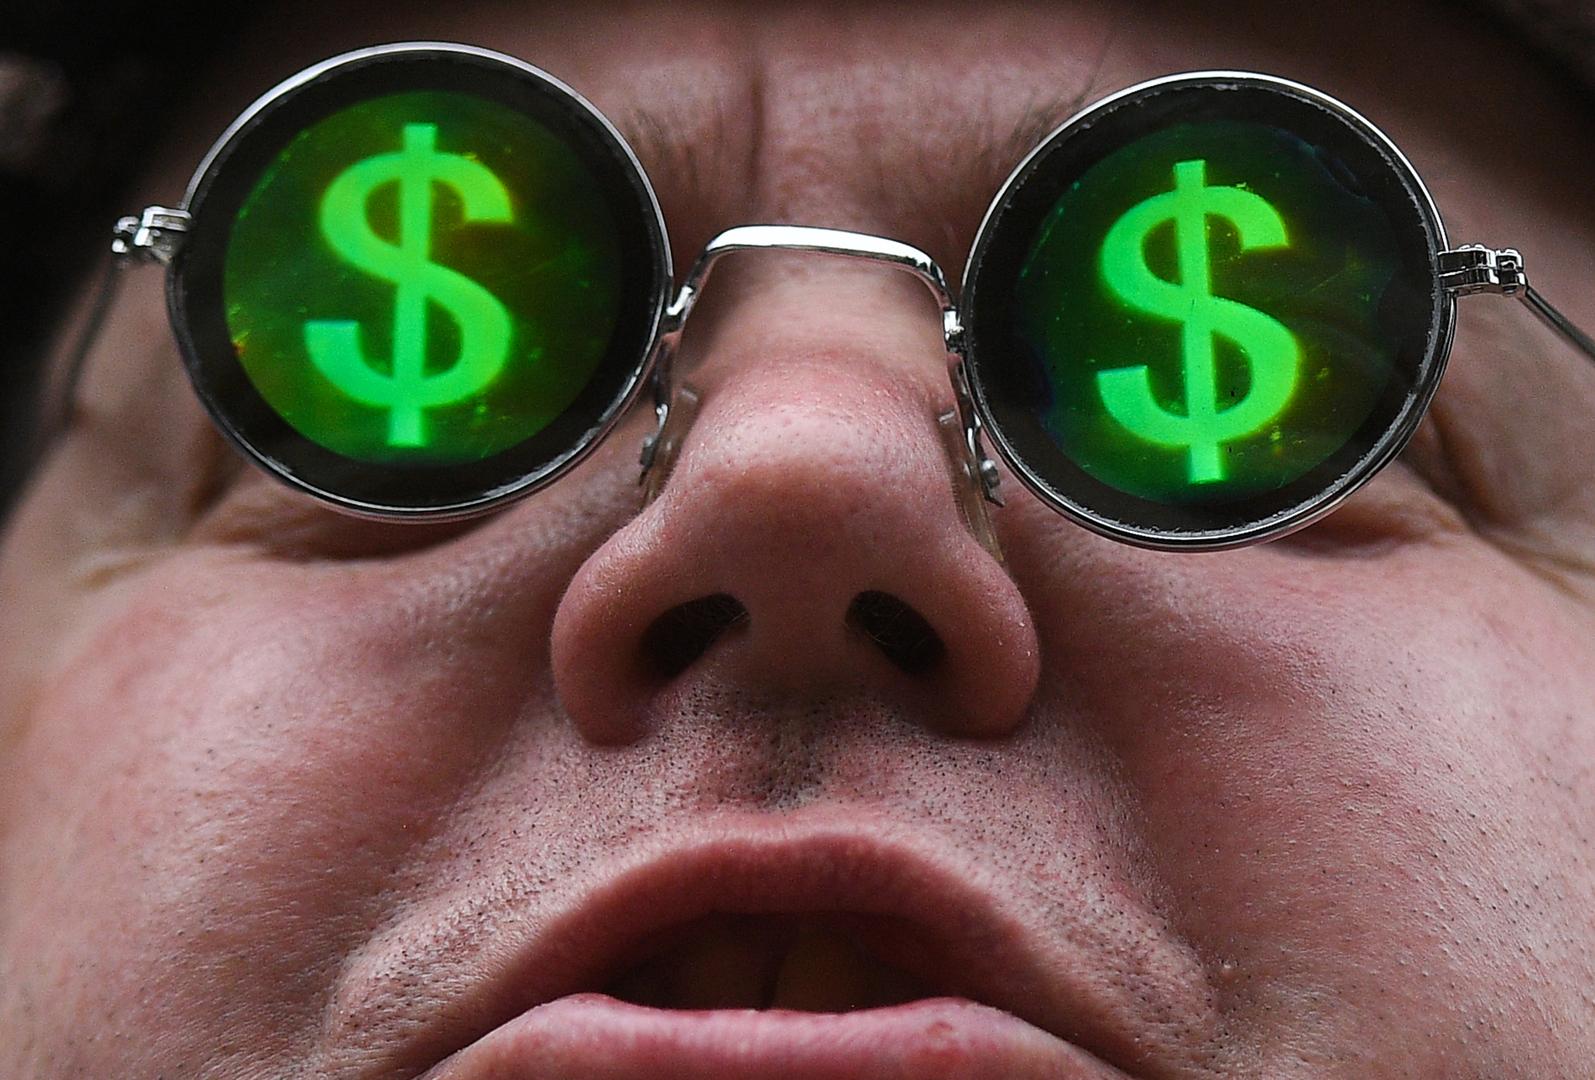 خبير: لا تشتروا الدولار الآن